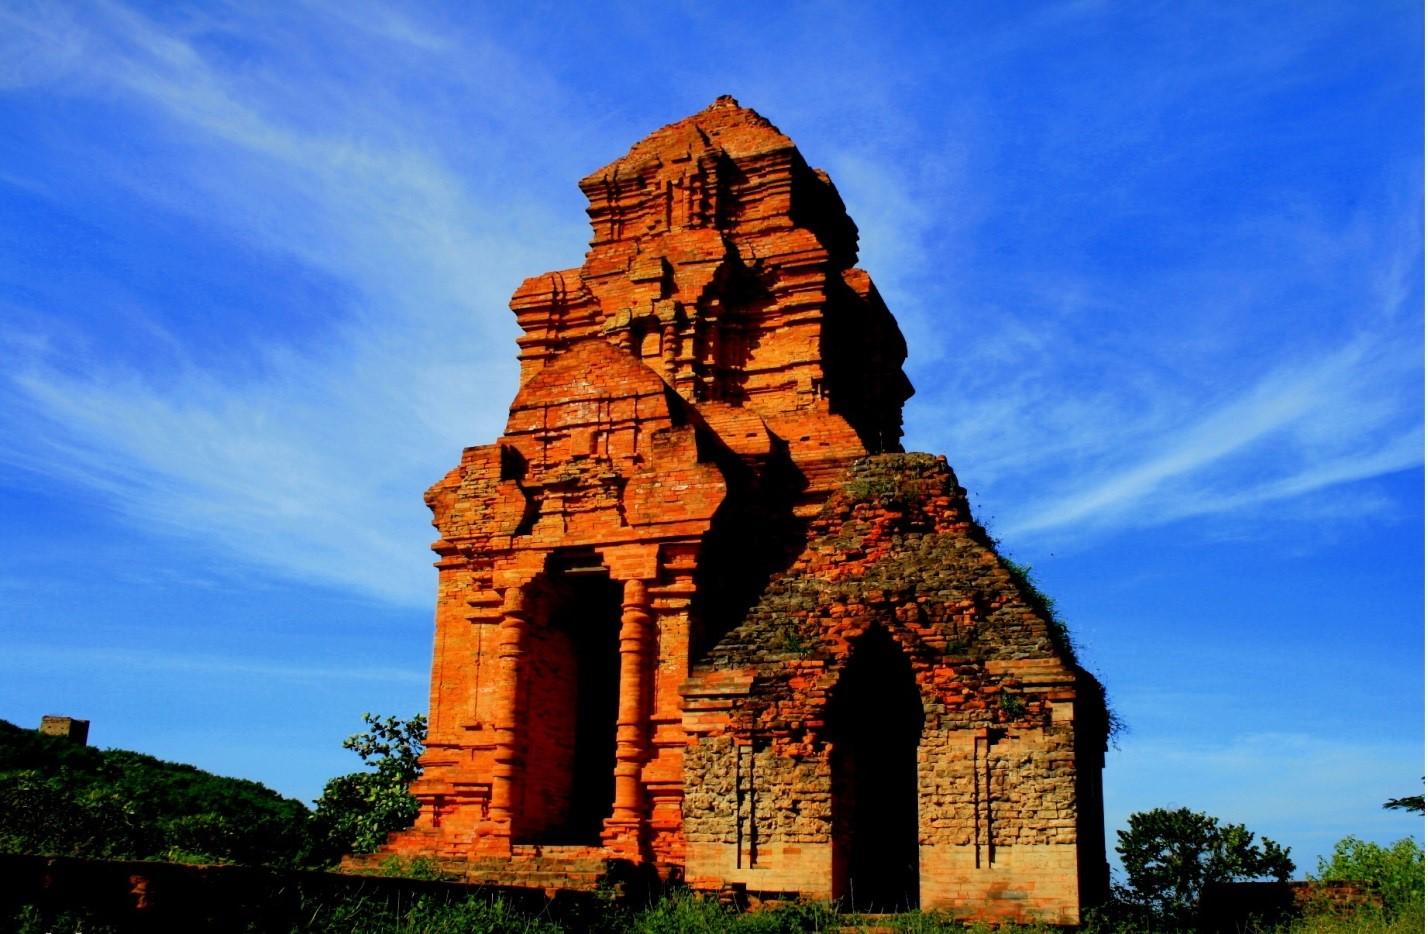 Tháp Poshanu - điểm đến không thể bỏ qua trong chuyến du lịch Phan Thiết